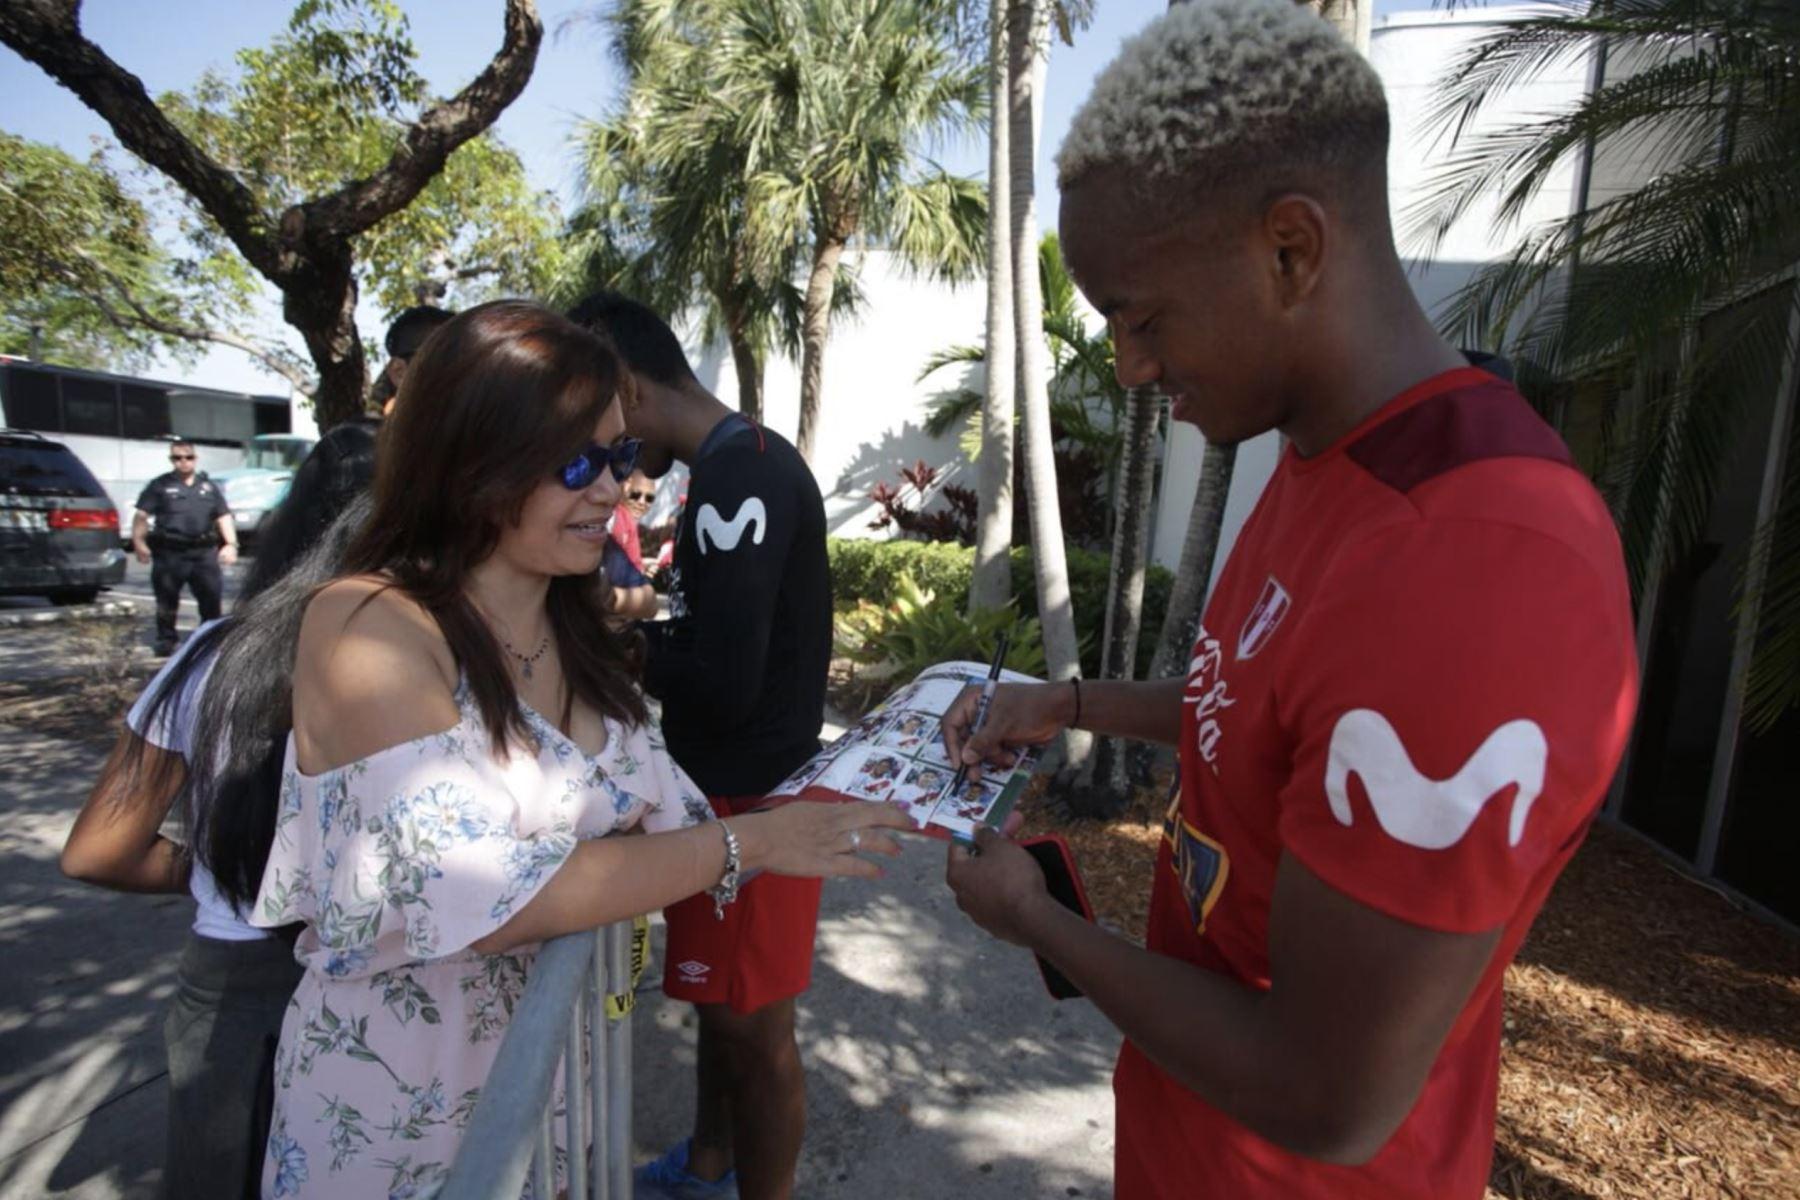 Integrantes de la selección peruana de fútbol firman autógrafos en los exteriores del Sawgrass Grand Hotel, de Miami. Foto: Twitter/FPF.